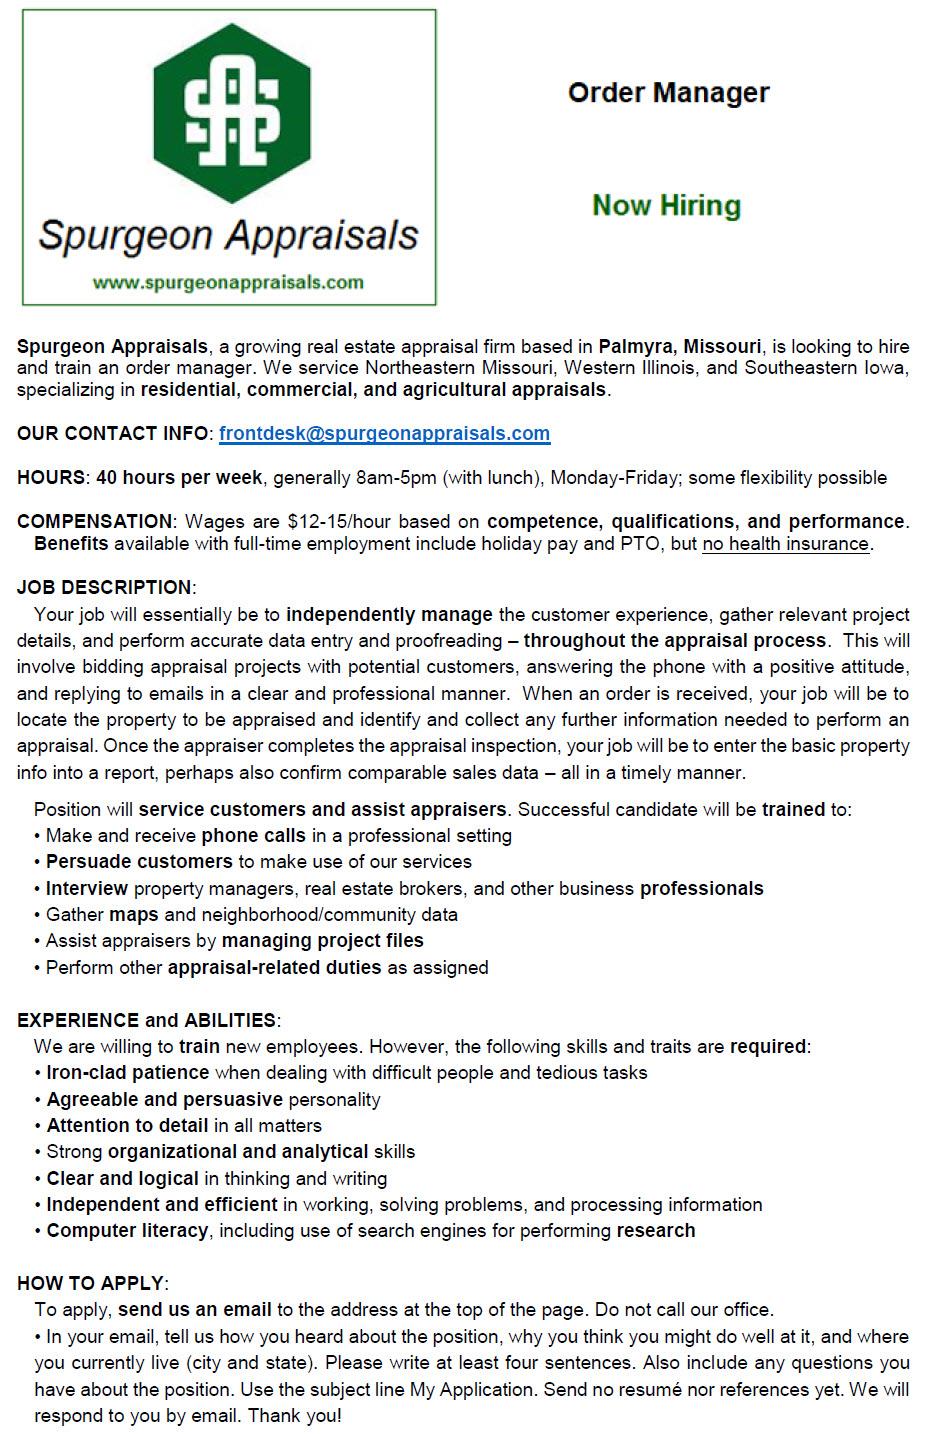 Spurgeon Appraisals Order Manager Position online flyer - V3.jpg